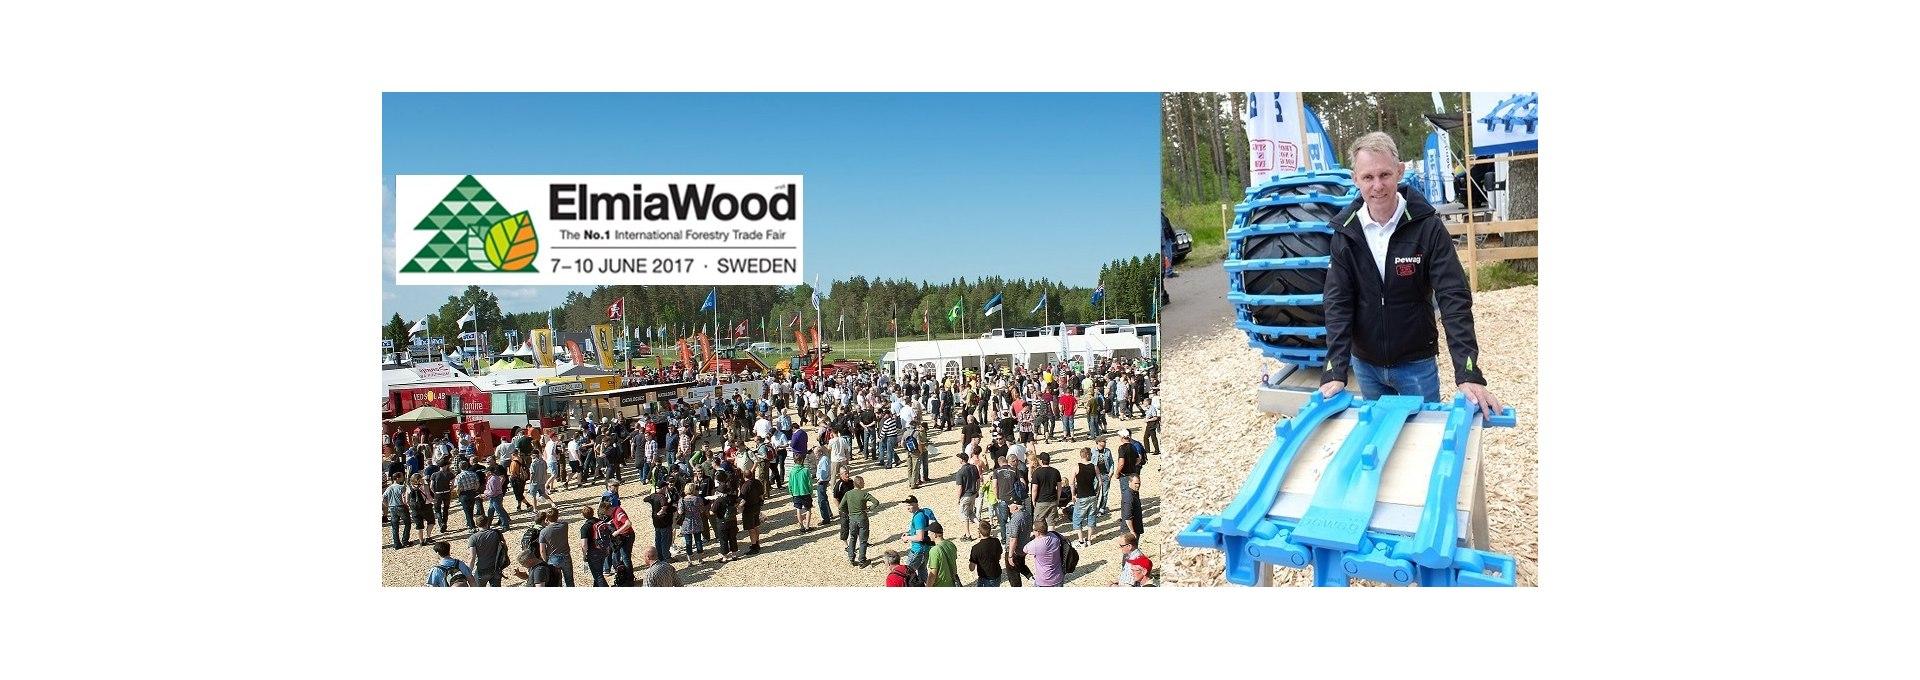 Feira Elmia wood 2017